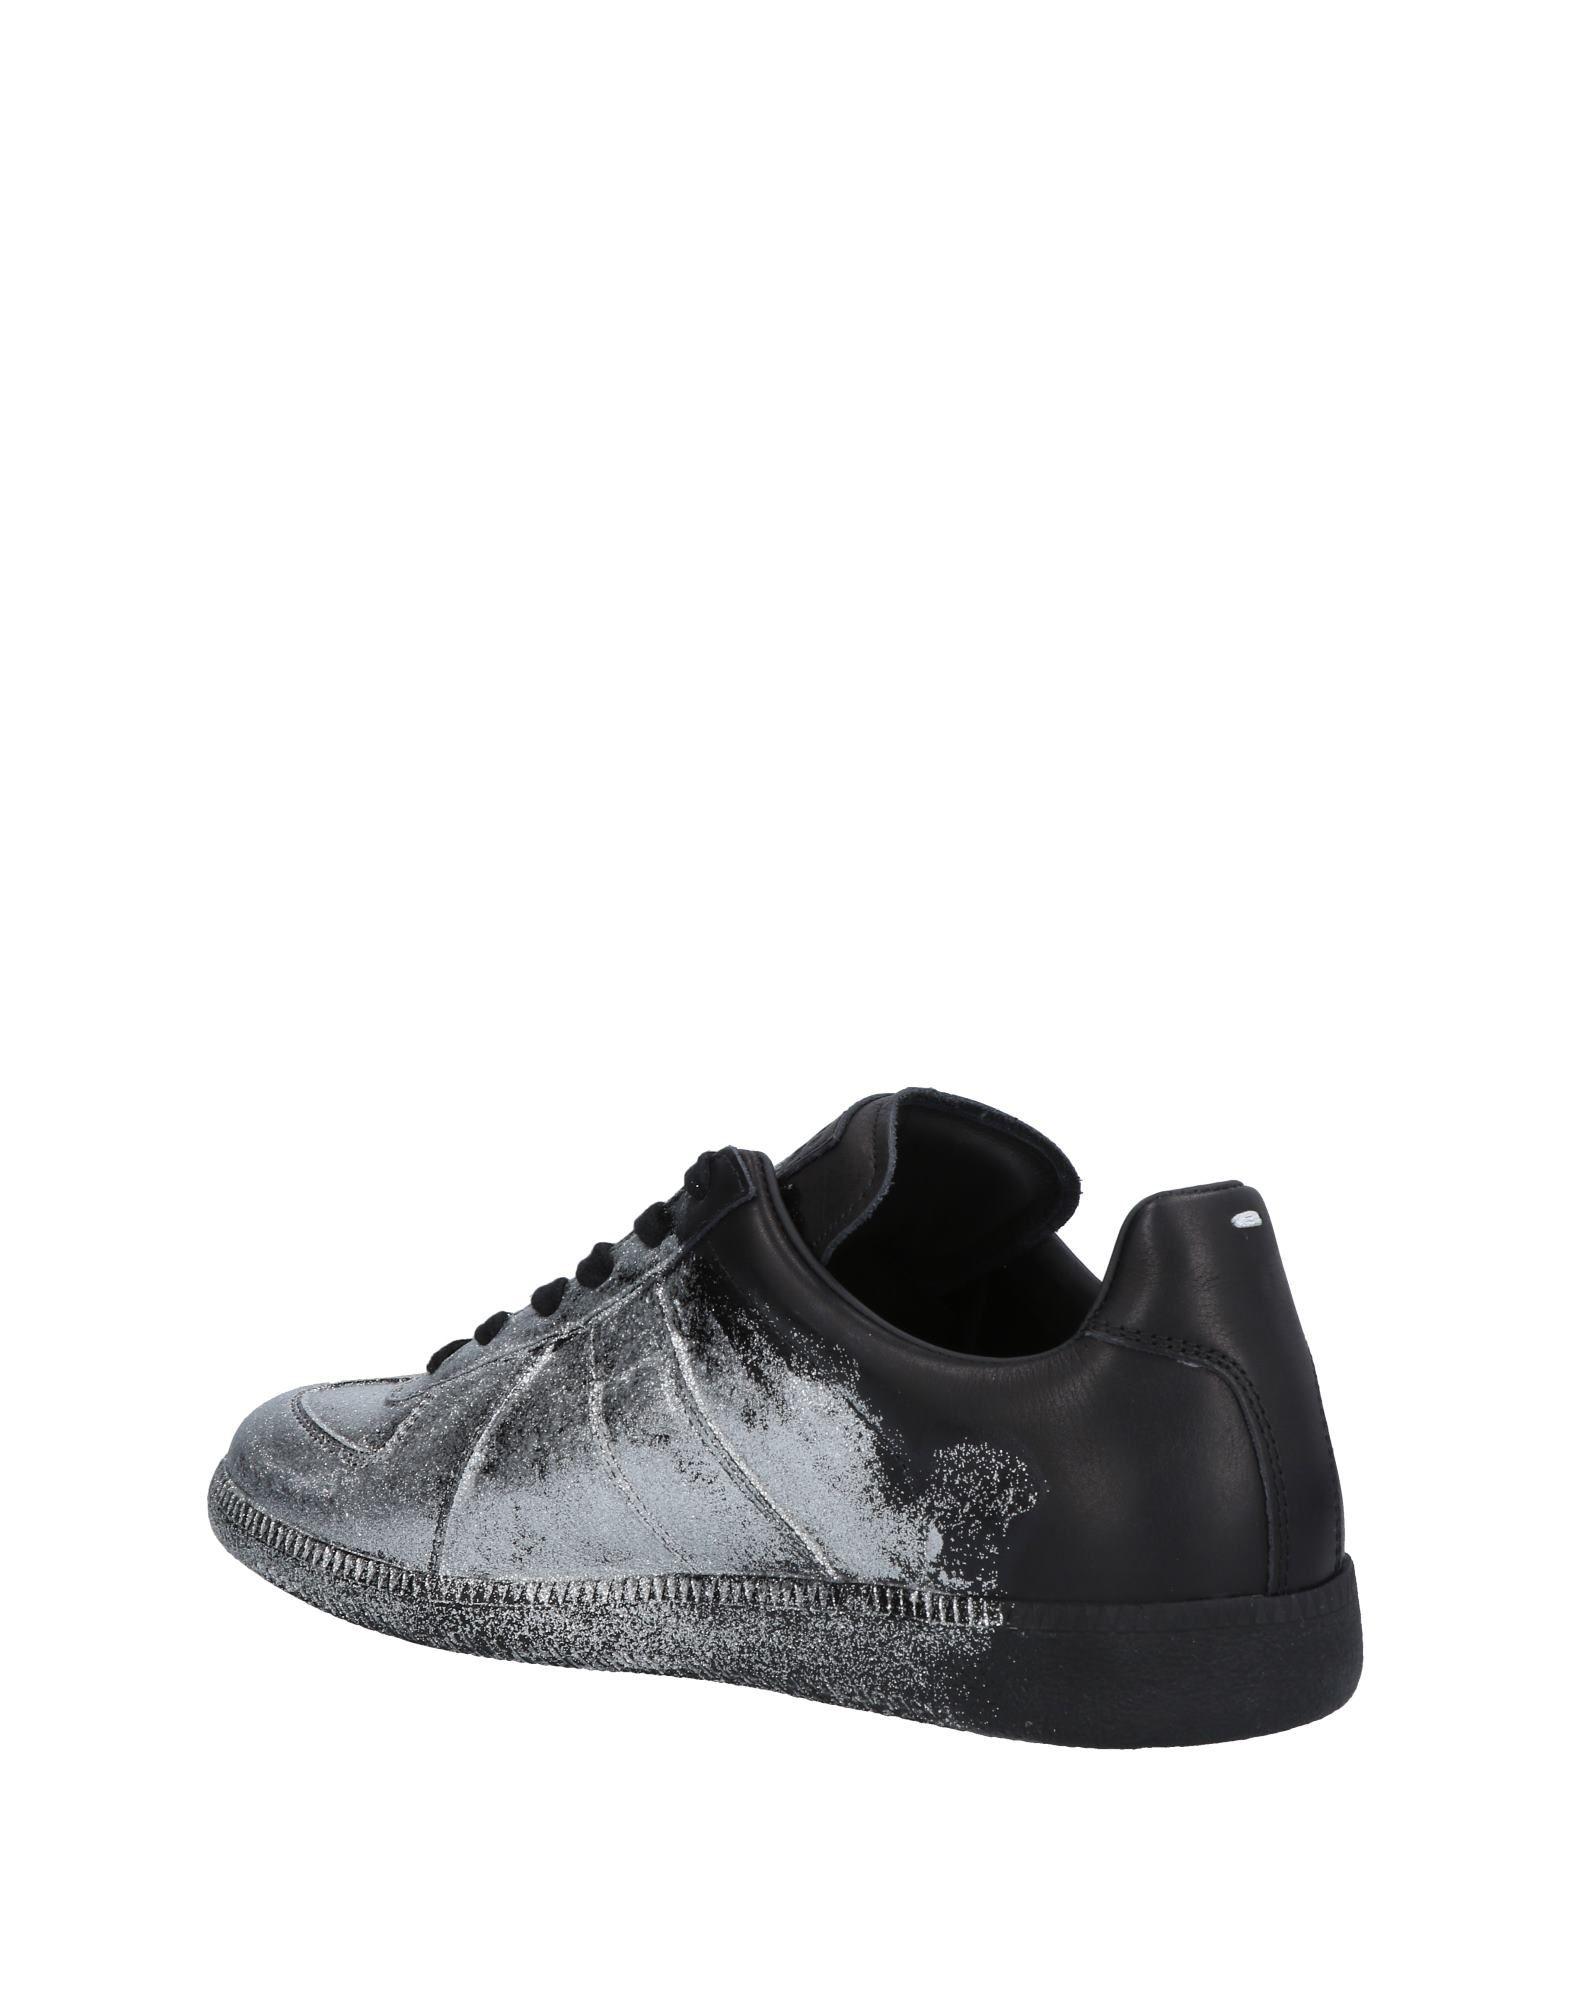 Maison 11471981FR Margiela Sneakers Herren  11471981FR Maison Gute Qualität beliebte Schuhe 8fd25b